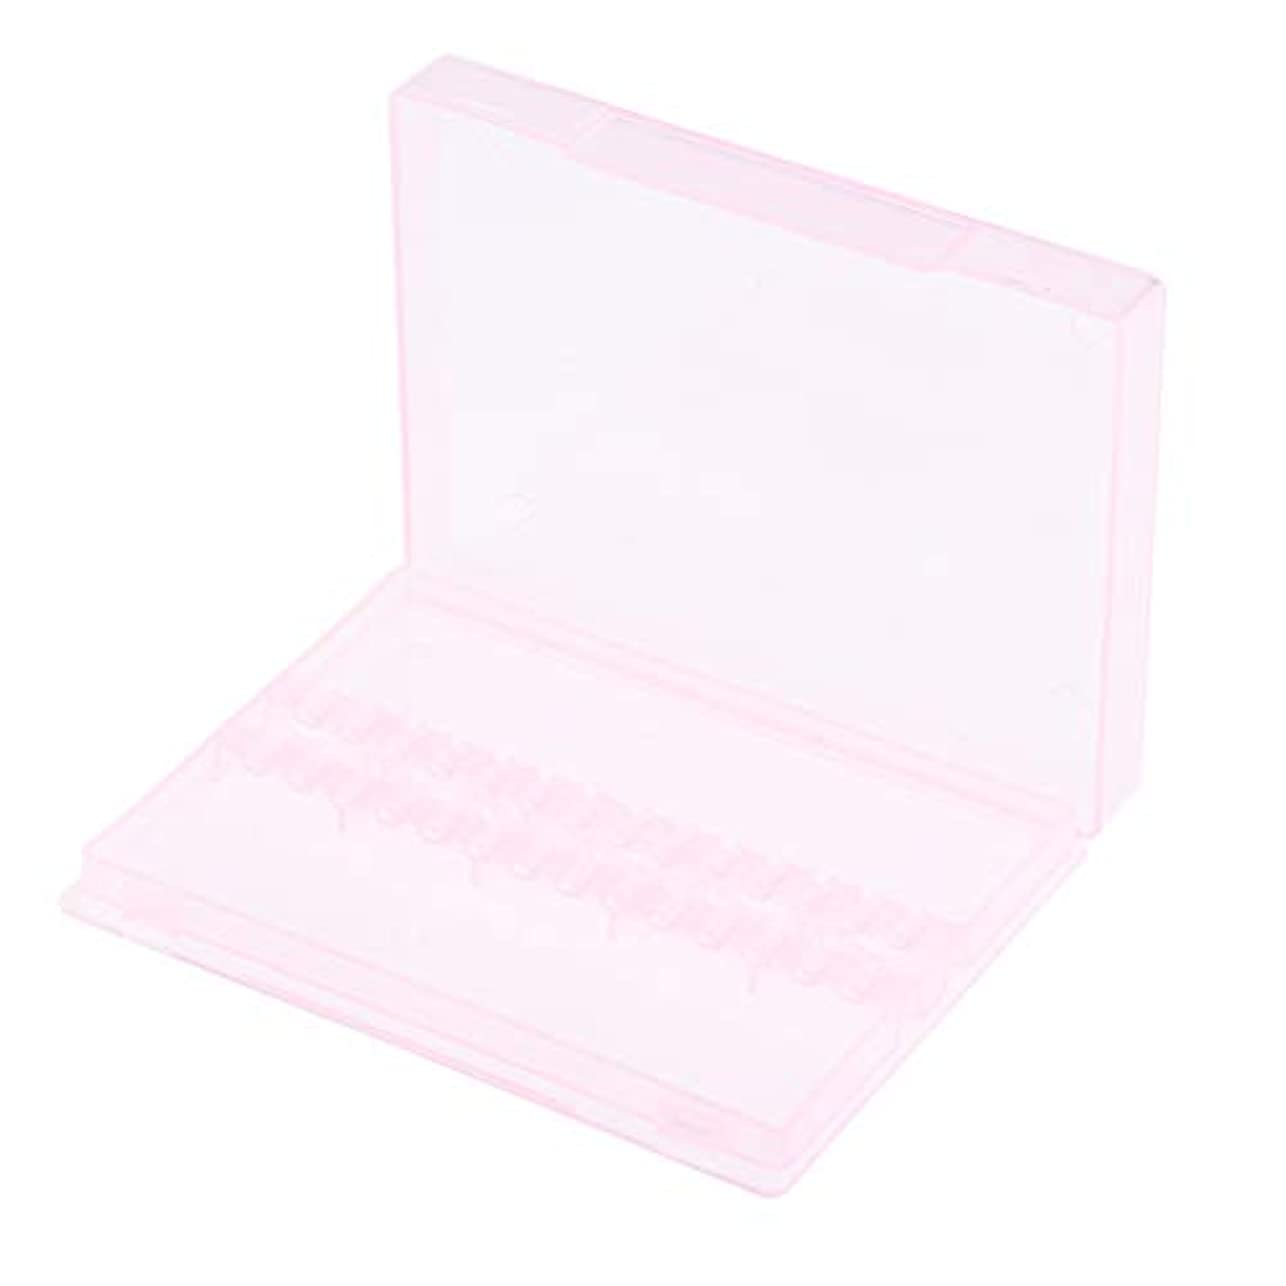 珍しい割り当てます優勢ネイルアート ドリルビットホルダー 空ボックス 収納ケース 2色選べ - ピンク